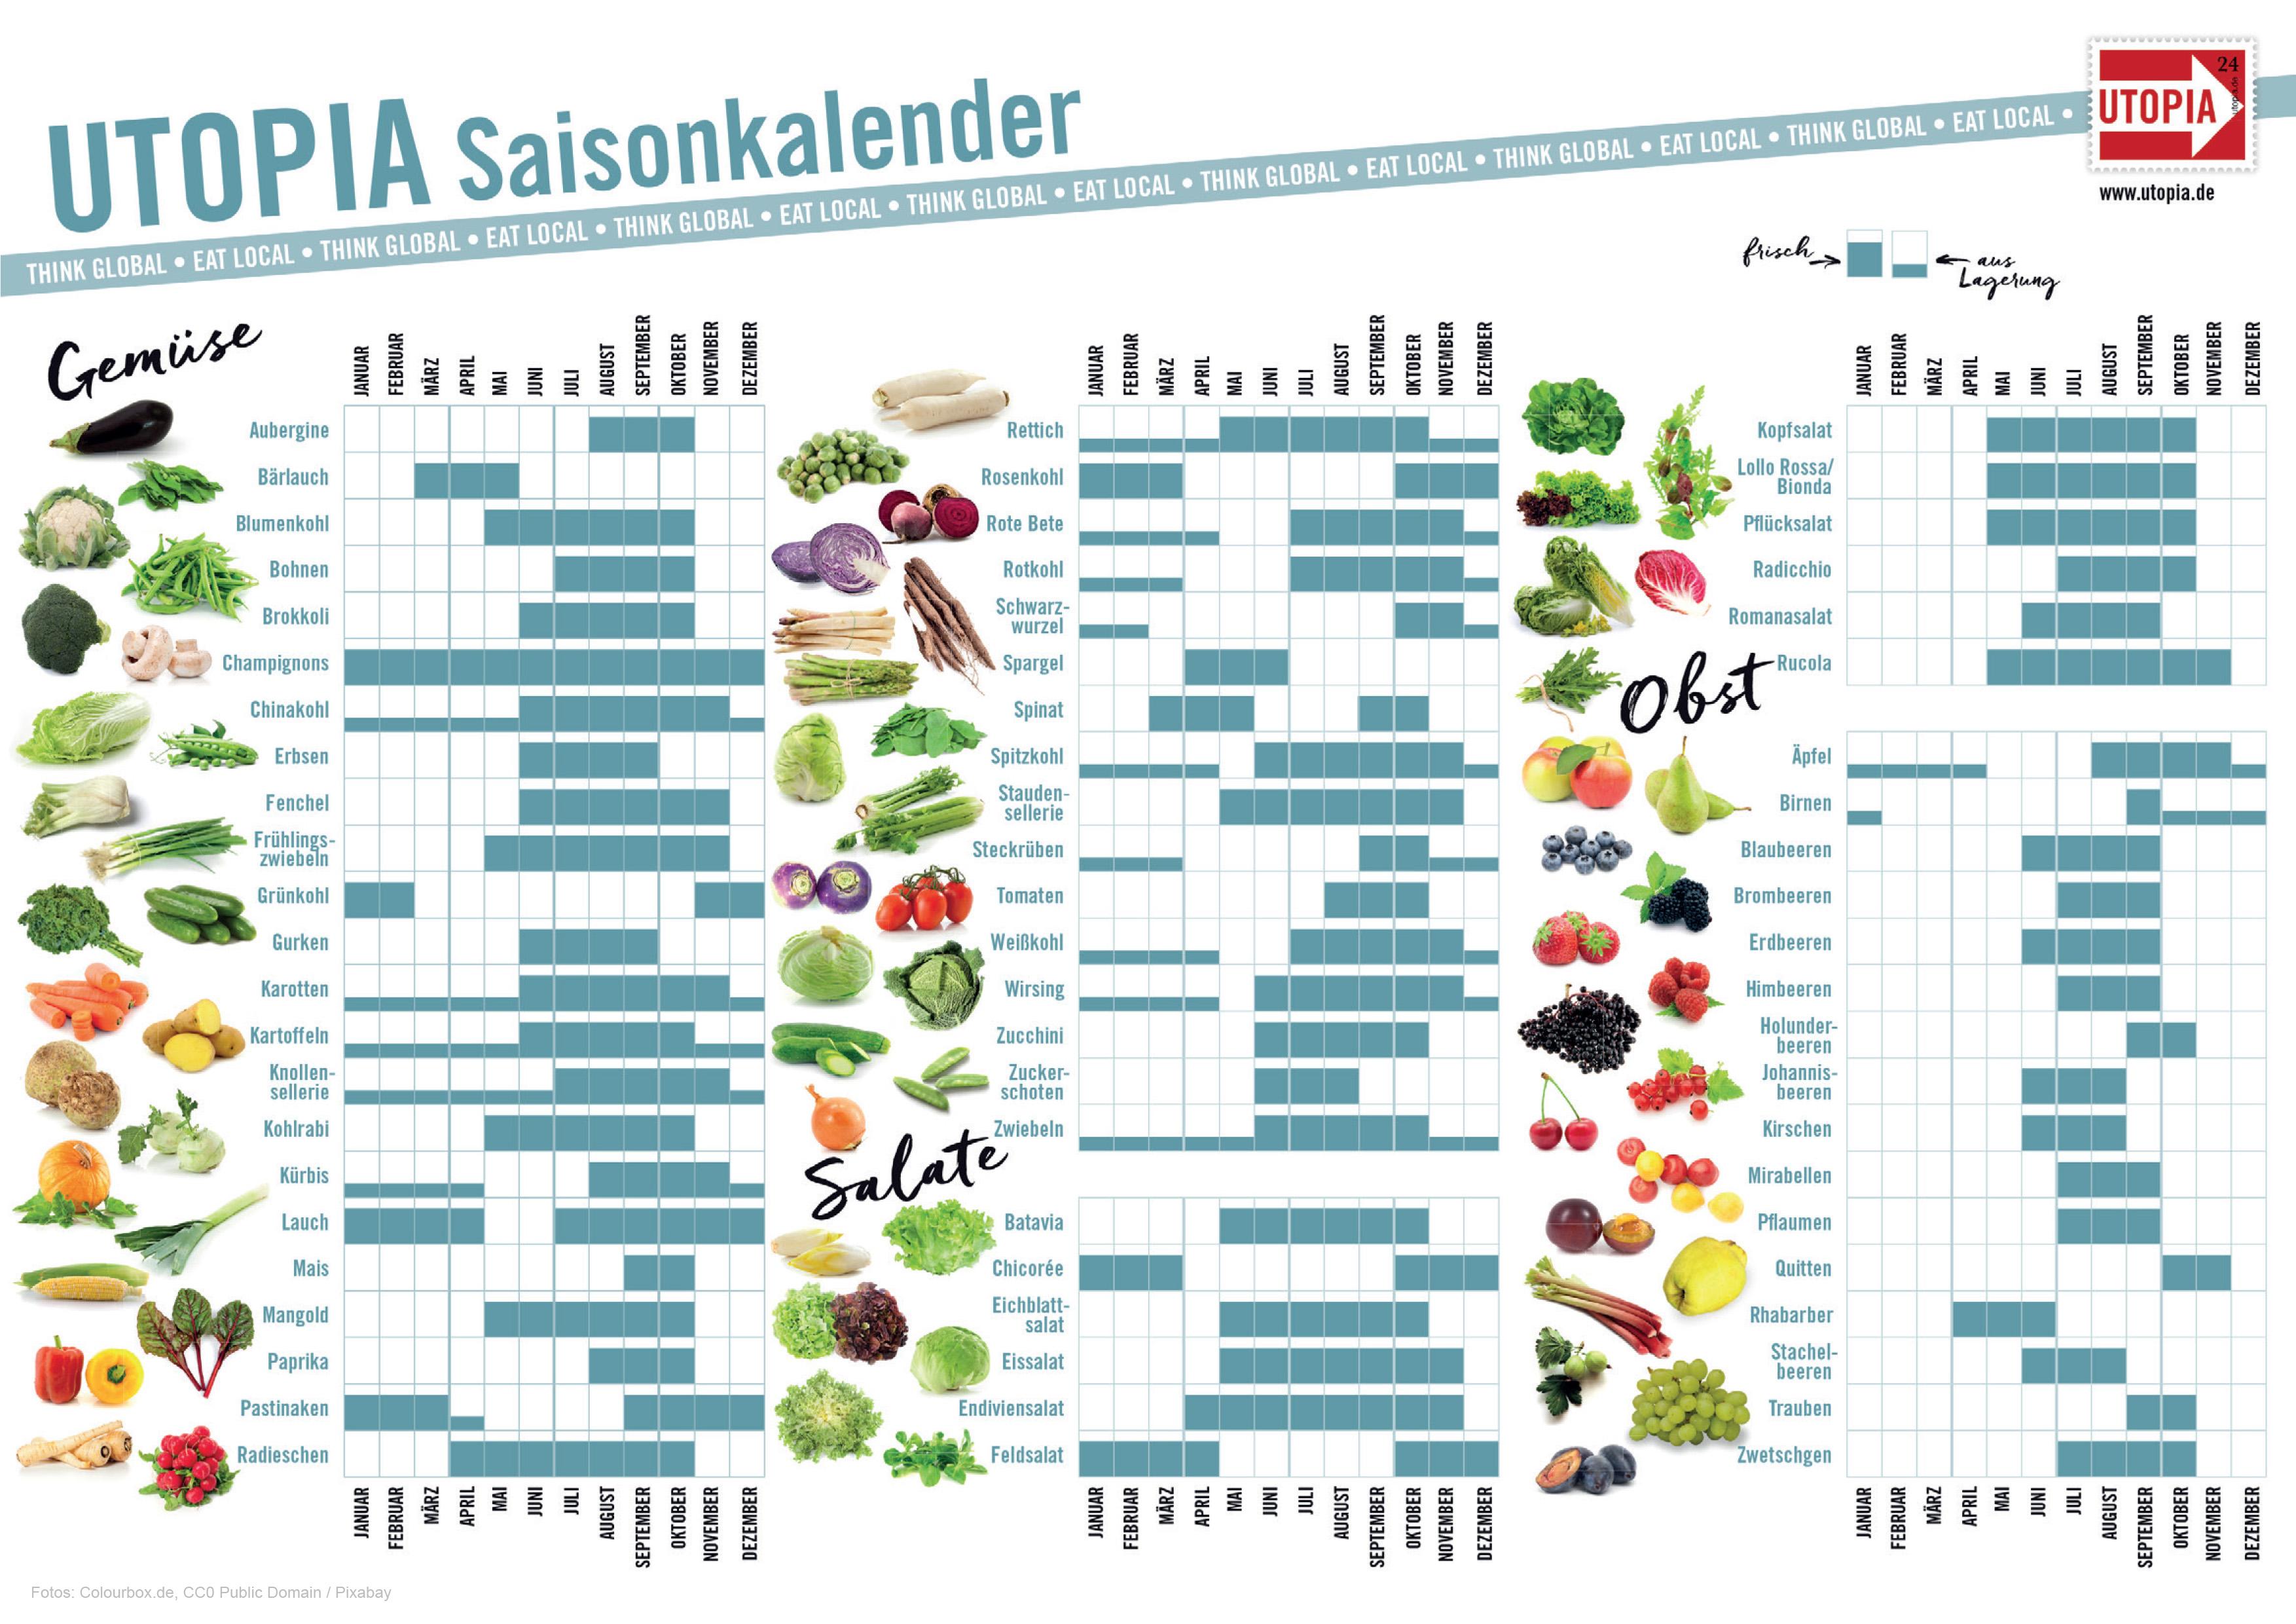 Saisonkalender Wann Wächst Welches Obst Und Gemüse Utopia De